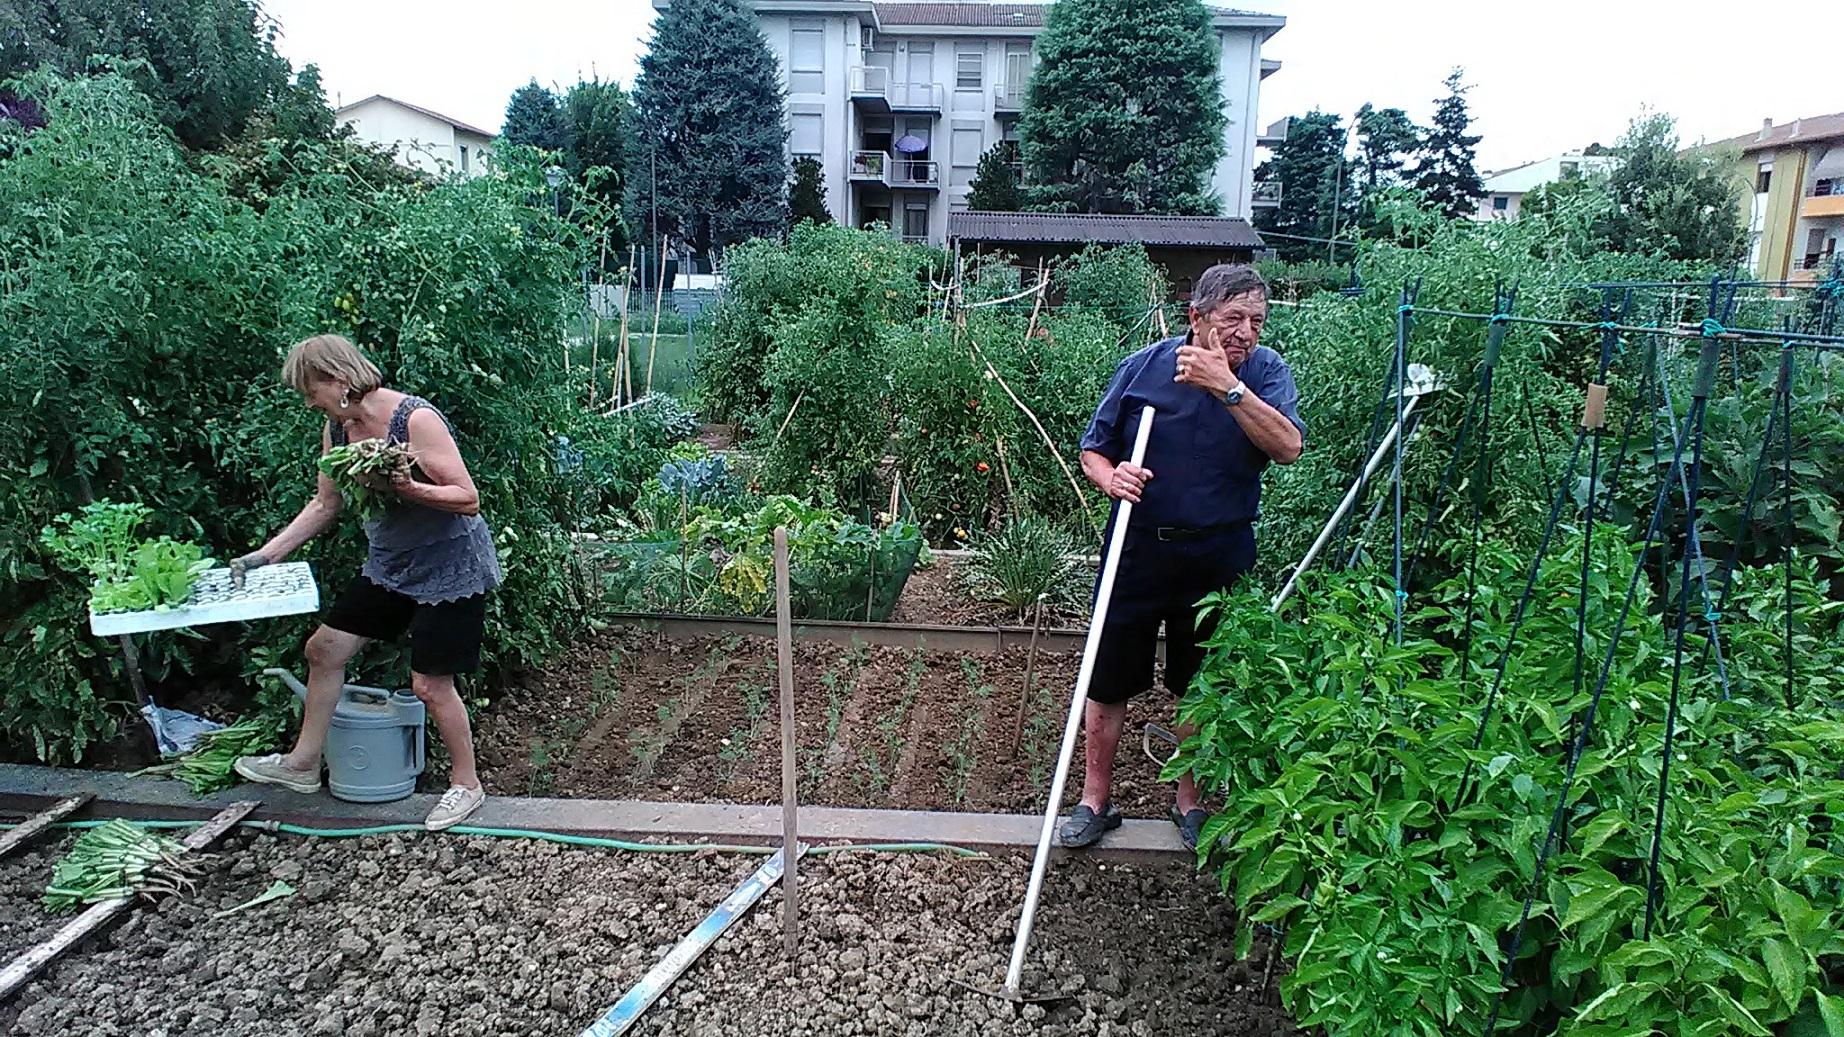 Em Forli, há 17 hortas cedidas a idosos, que buscam com o trabalho se sentirem ativos. (Foto Luciana Doneda)